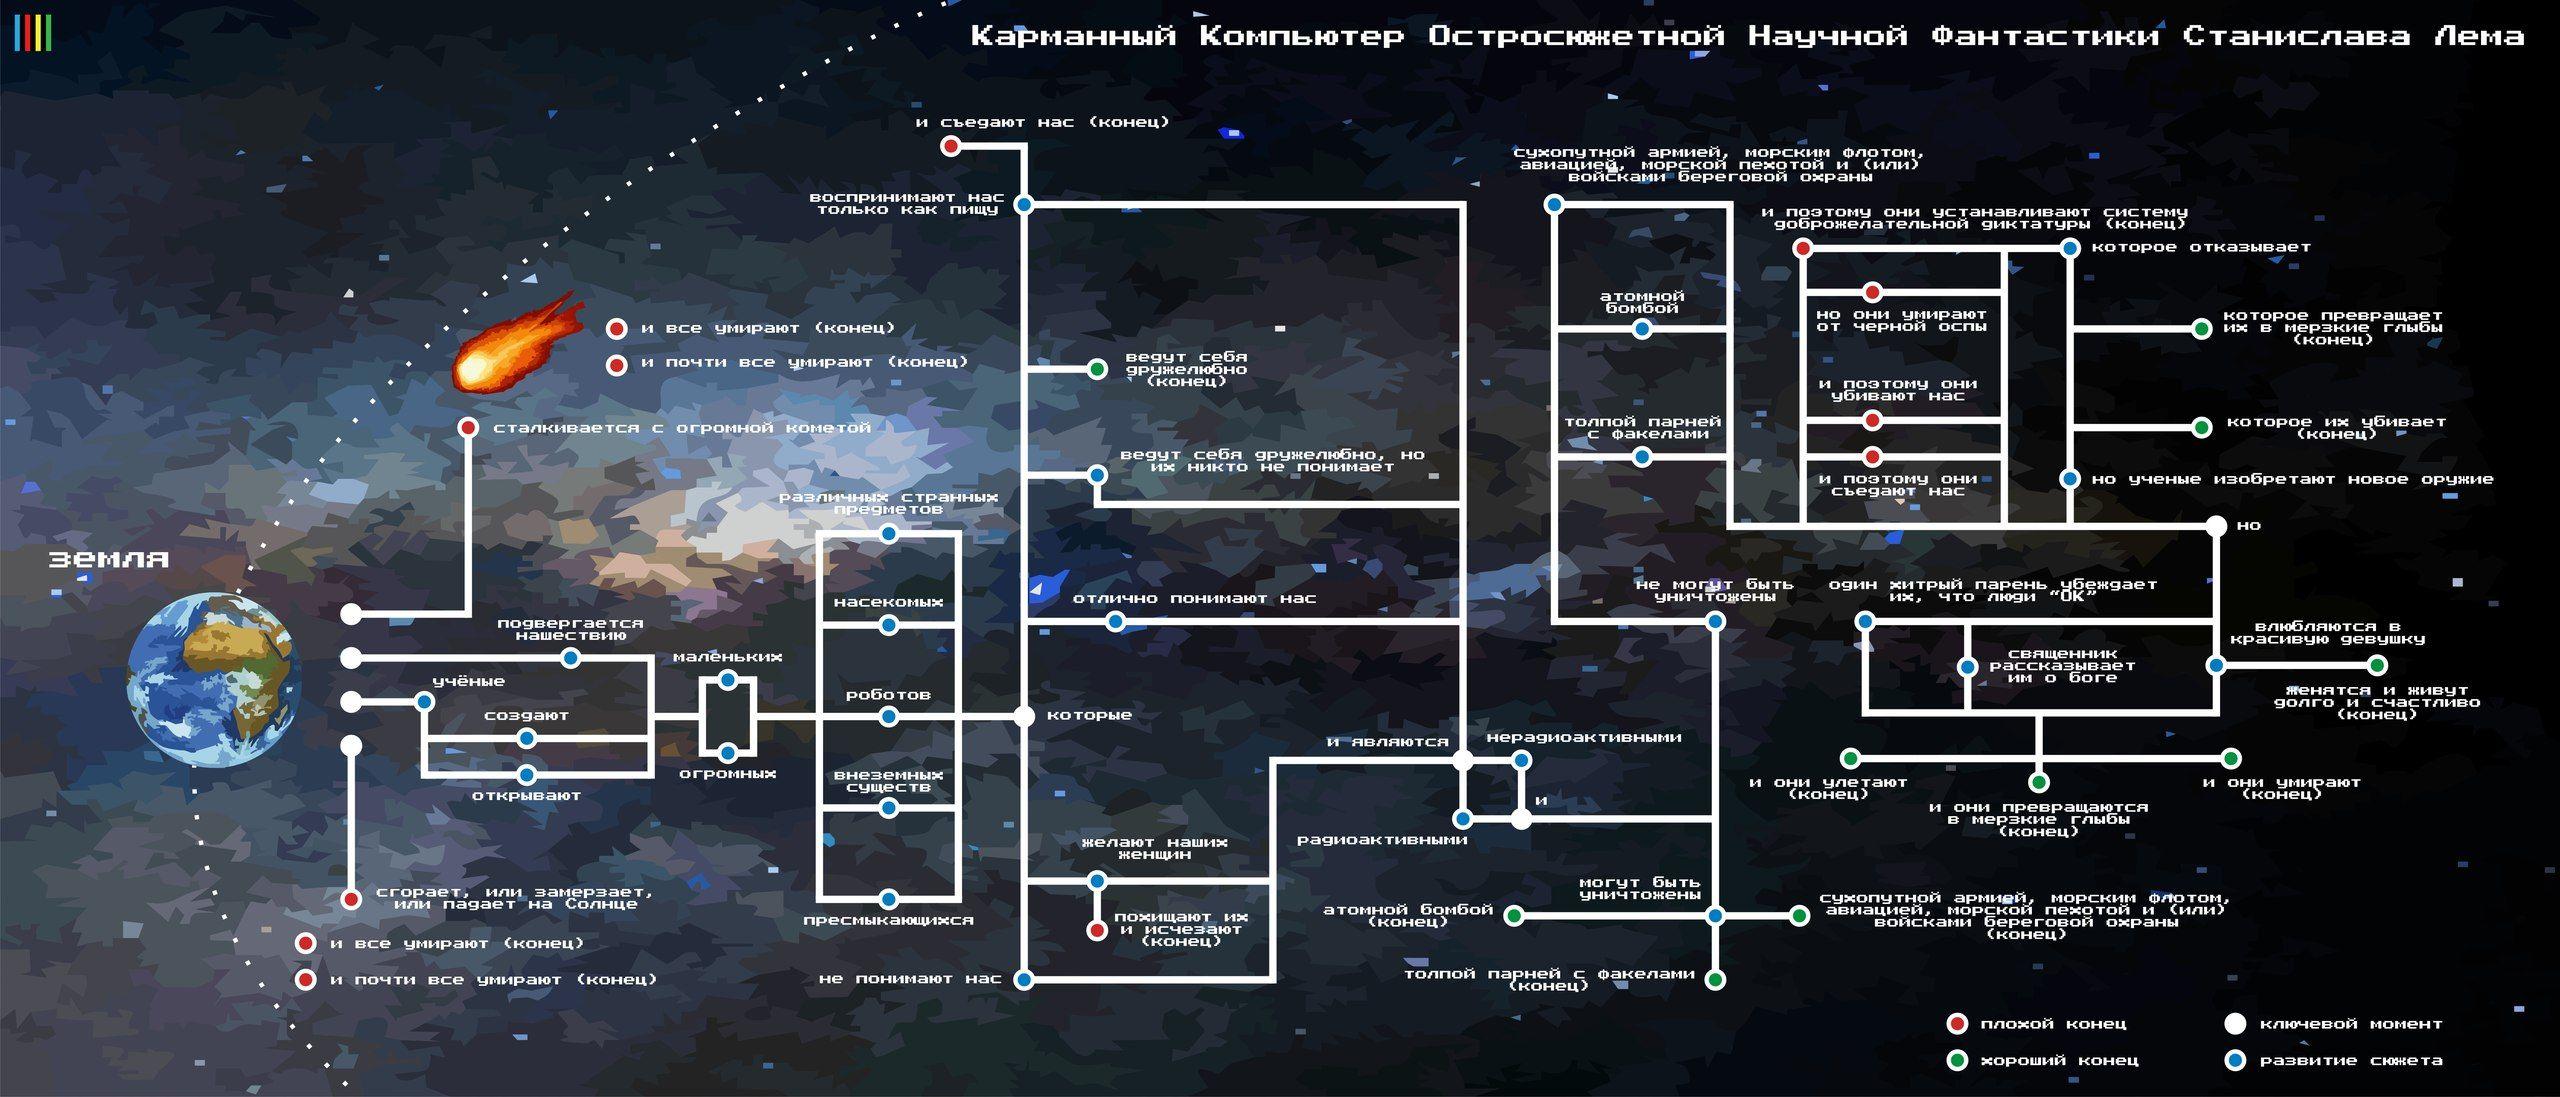 Инфографика: Фантастика Станислава Лема